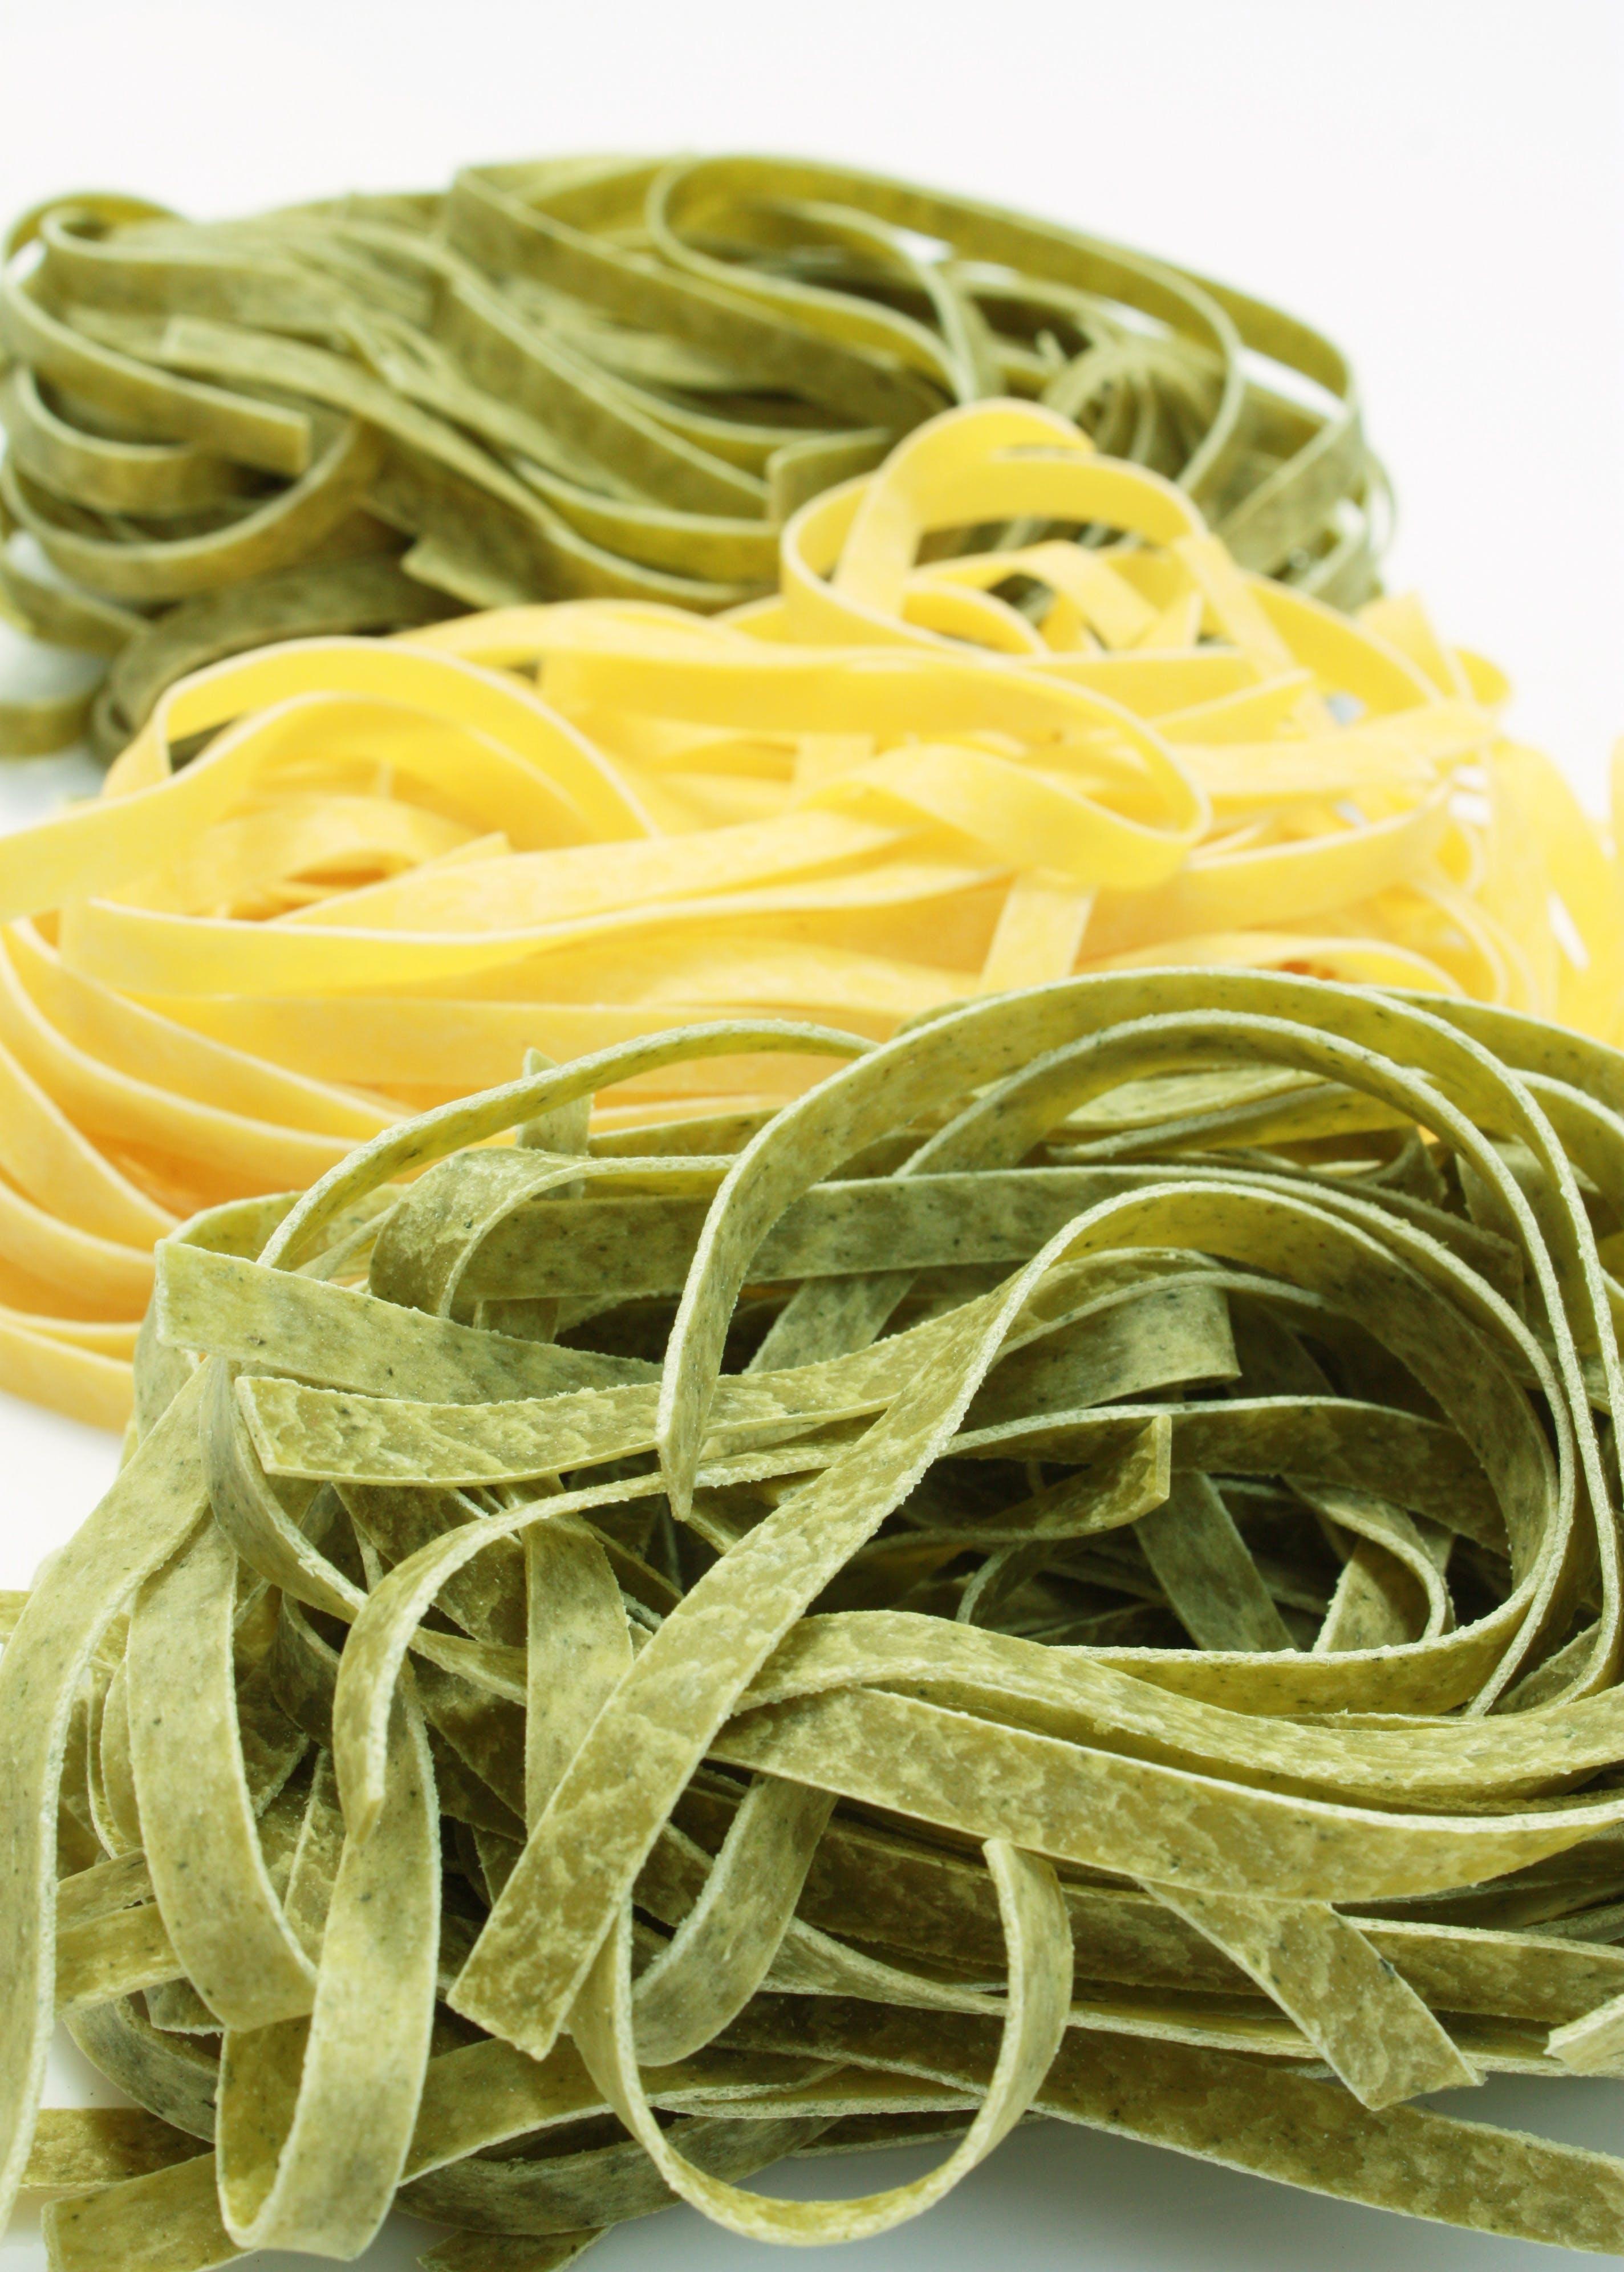 Gratis arkivbilde med egg pasta, fettuccine, frisk, italiensk